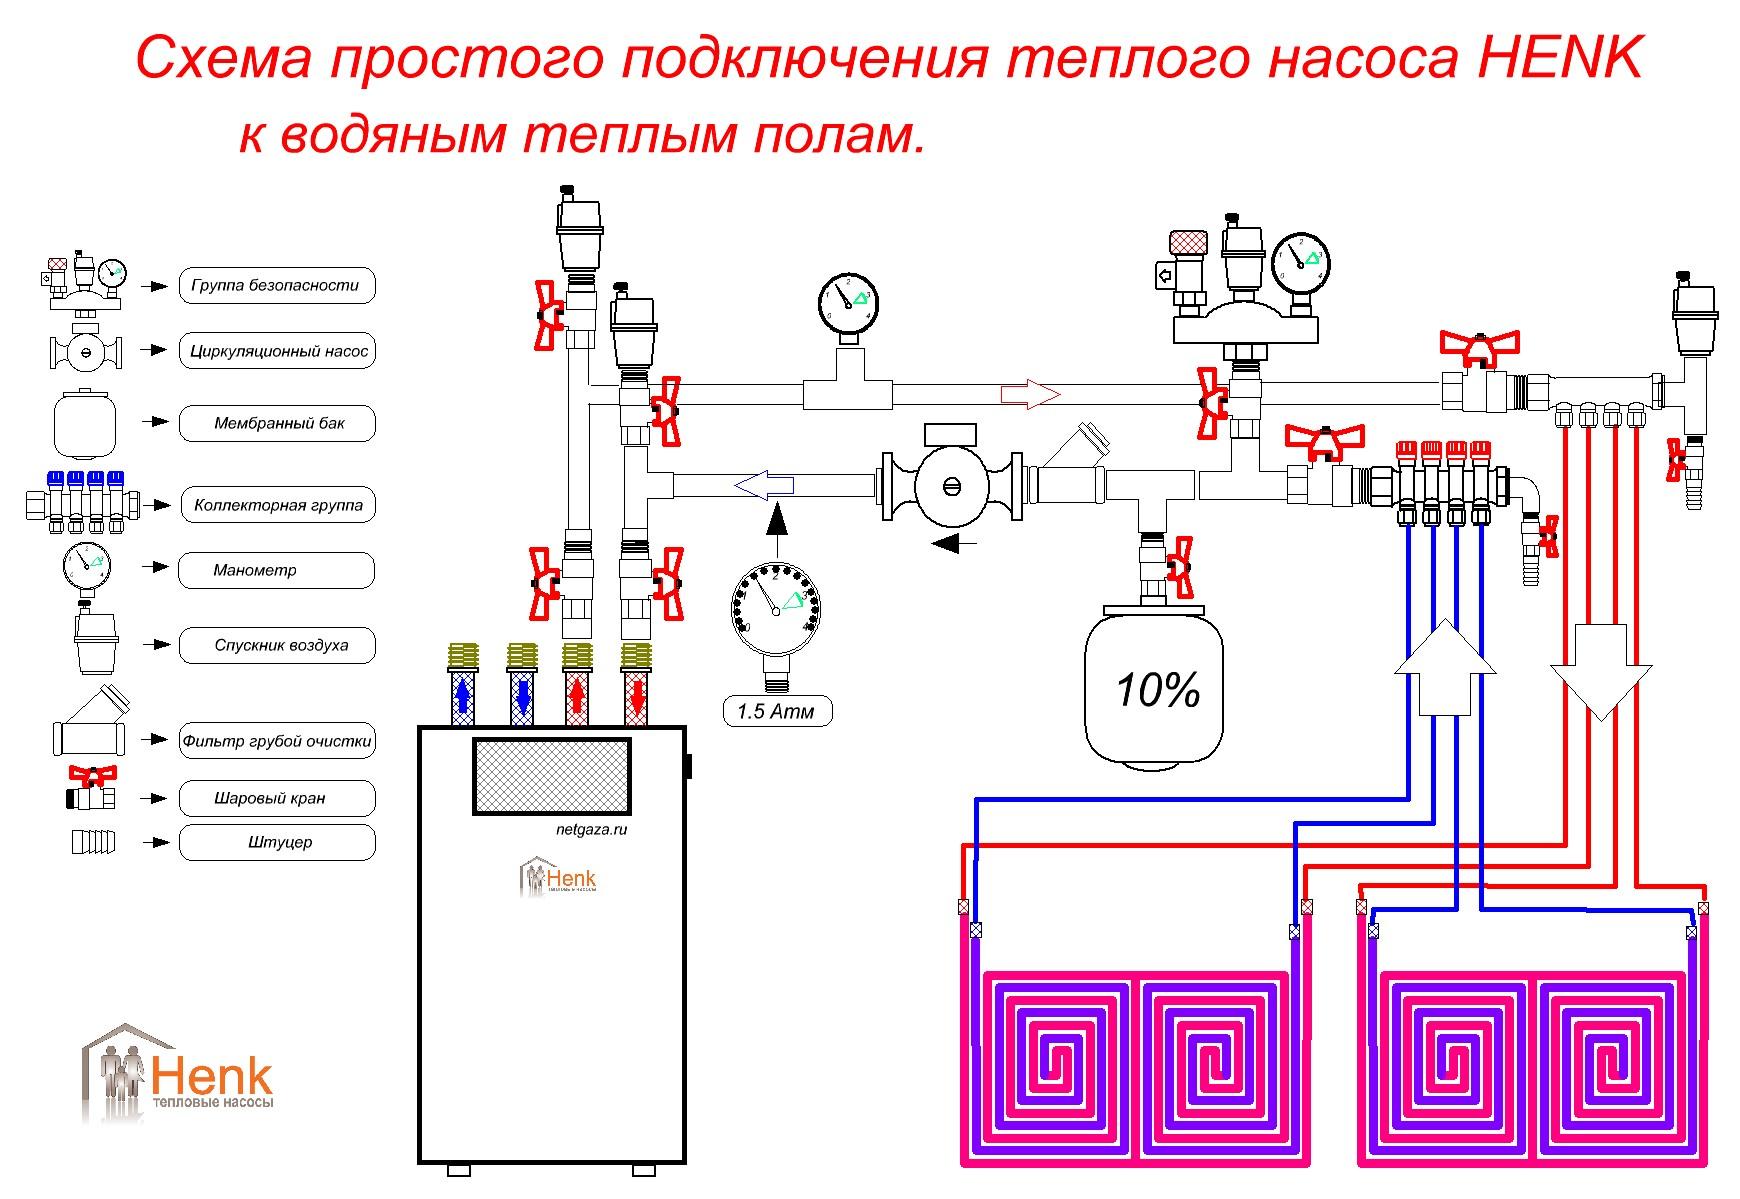 Гидравлическая схема работы теплового насоса с теплообменником фреон - вода о растворах для промывки теплообменников